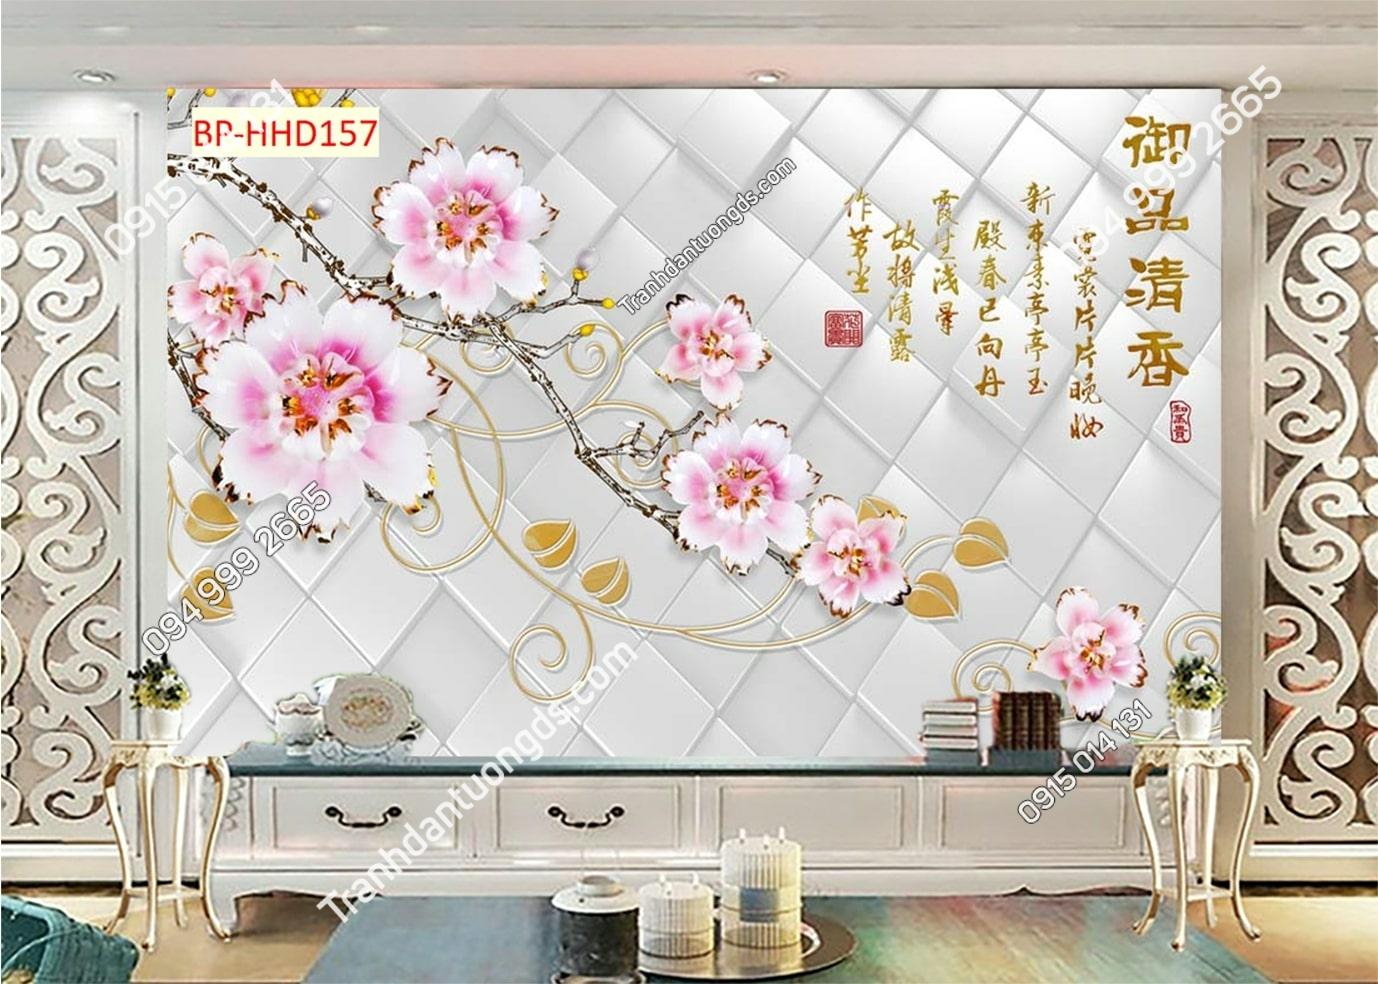 Tranh hoa 3D hồng HHD157